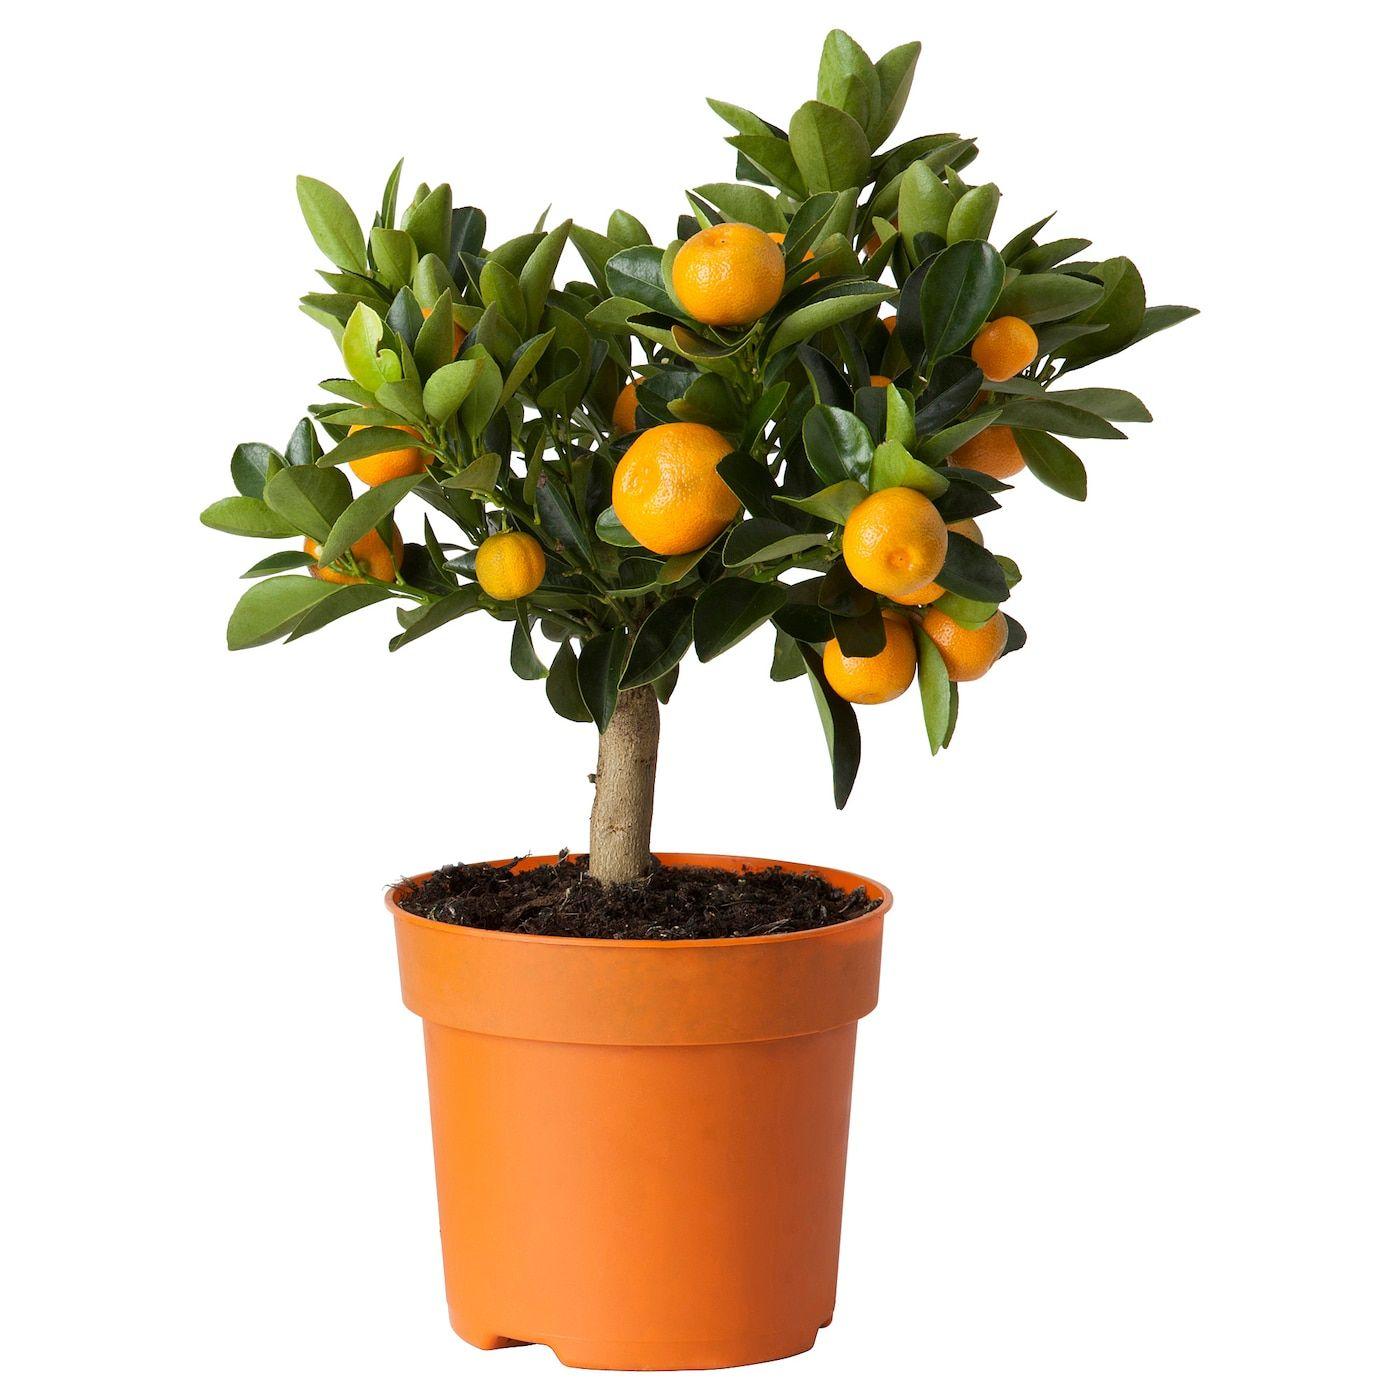 Citrus Potted Plant Calamondin 15 Cm Ikea En 2020 Armarios De Cultivo Celosias De Jardin Plantas En Maceta